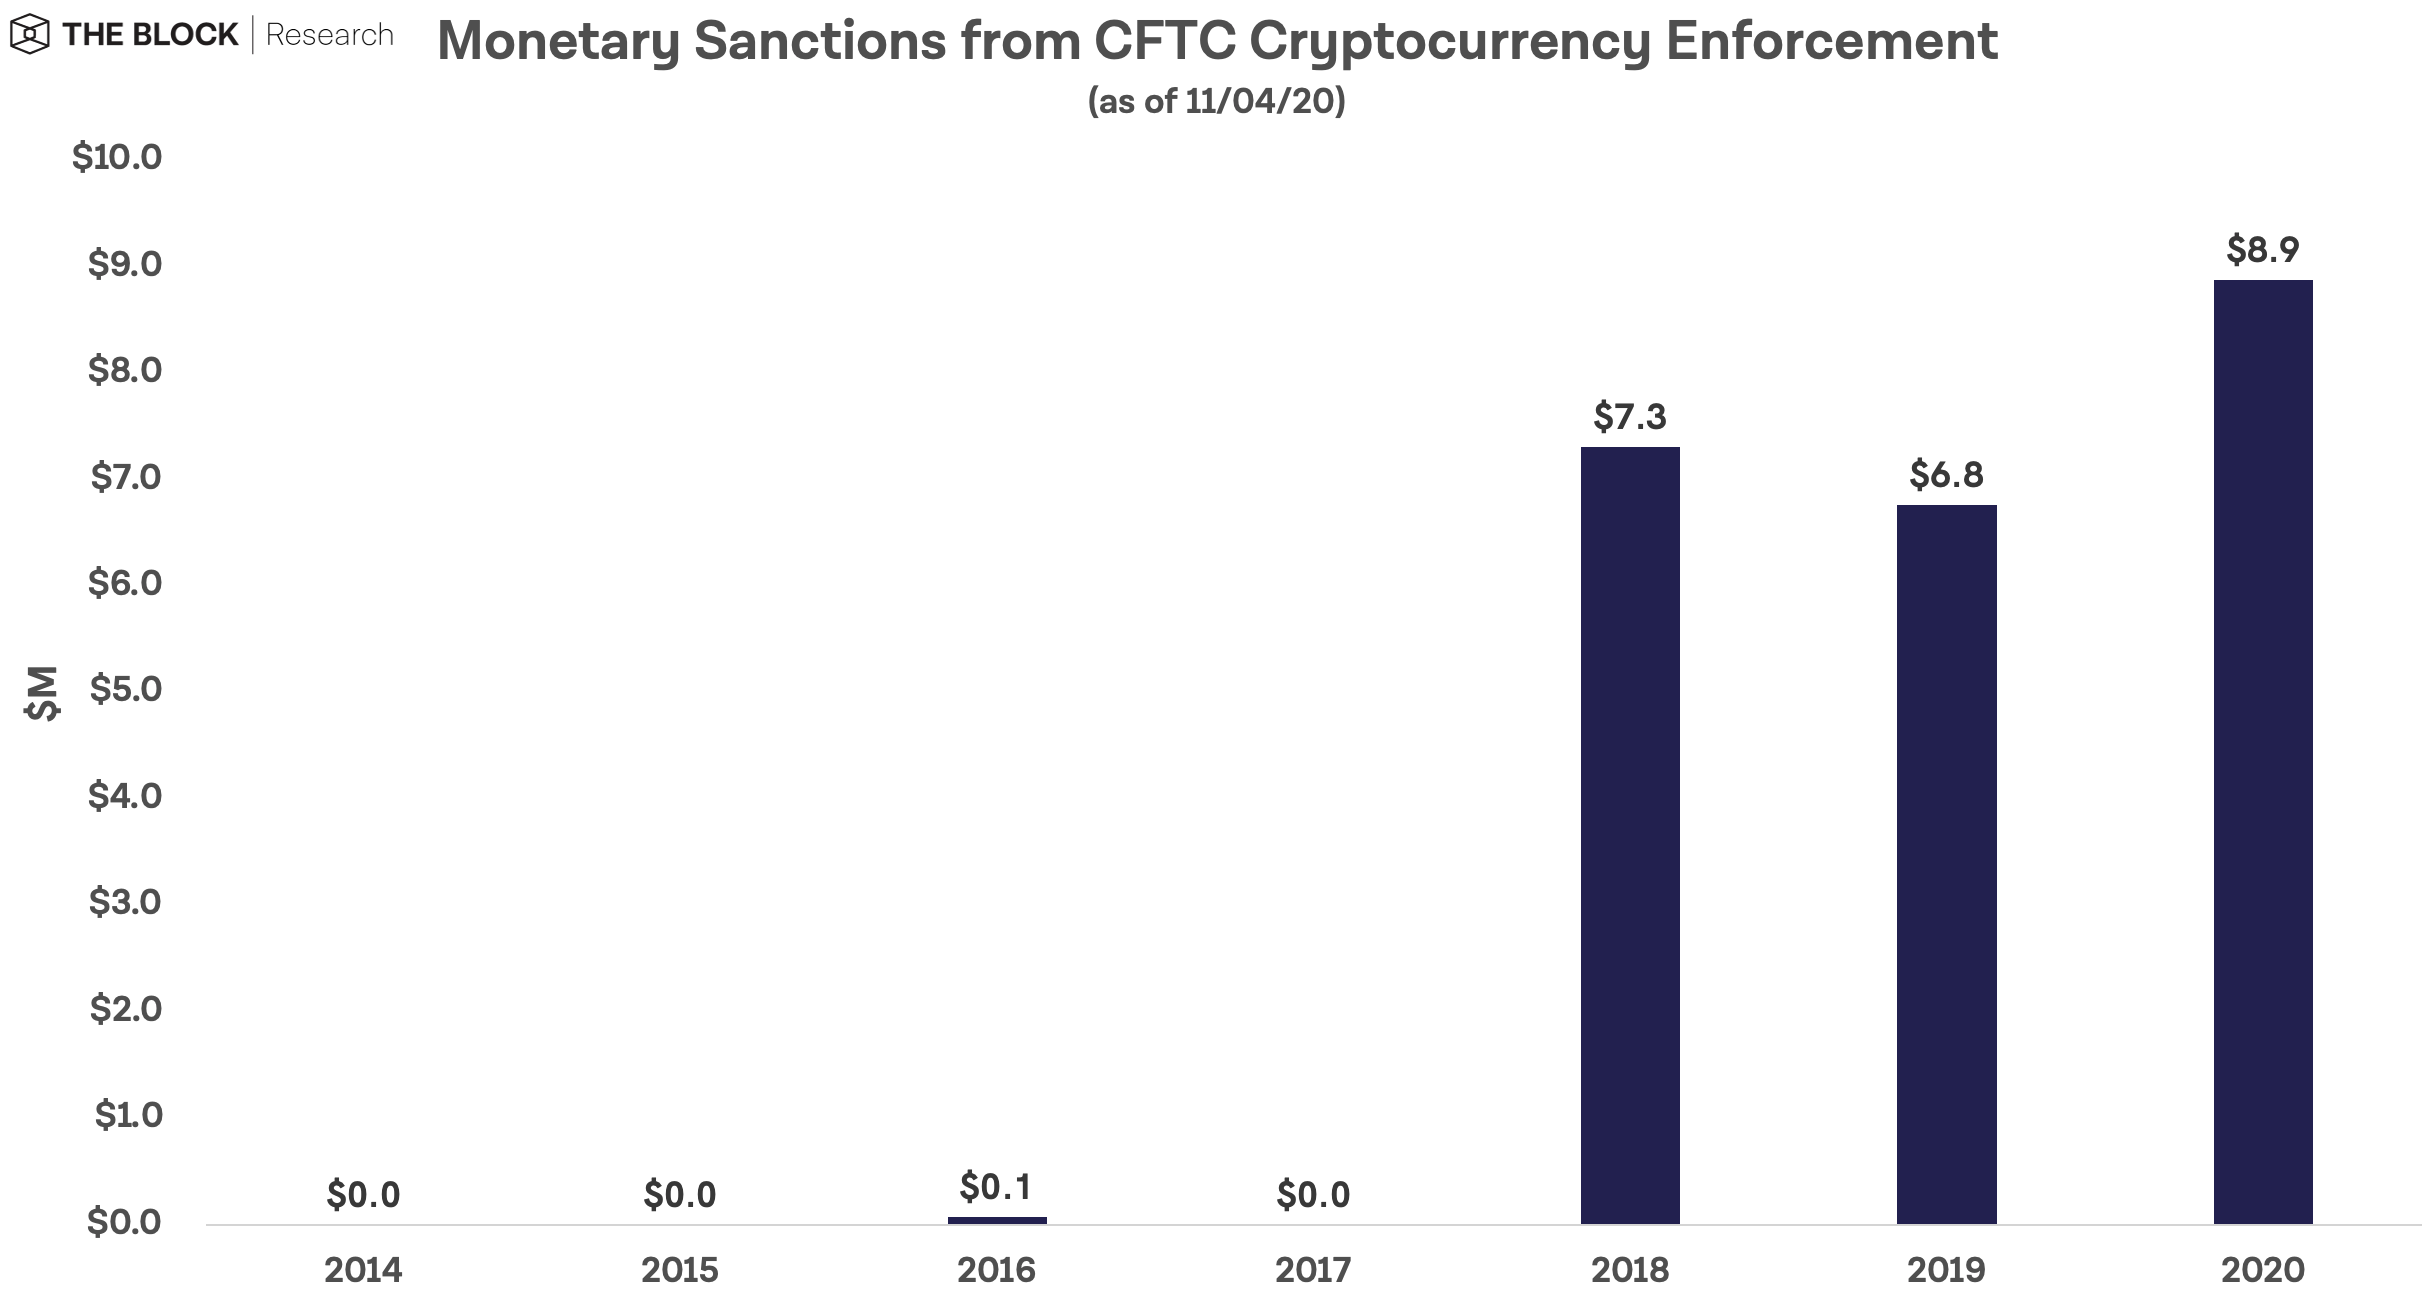 На сегодняшний день регуляторы США наложили на крипто-фирмы как минимум 198 миллионов долларов финансовых штрафов